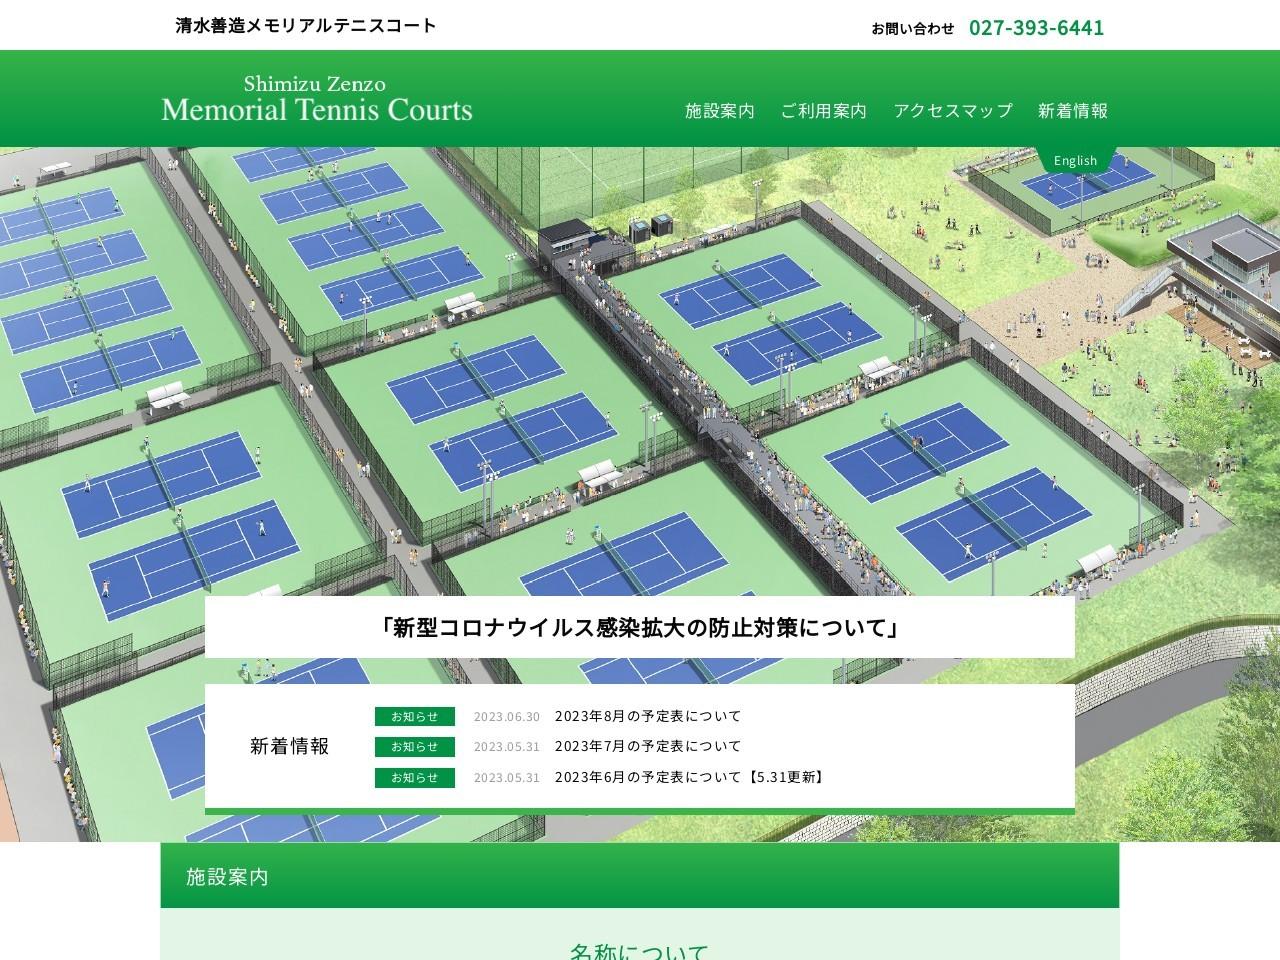 清水善造メモリアルテニスコート